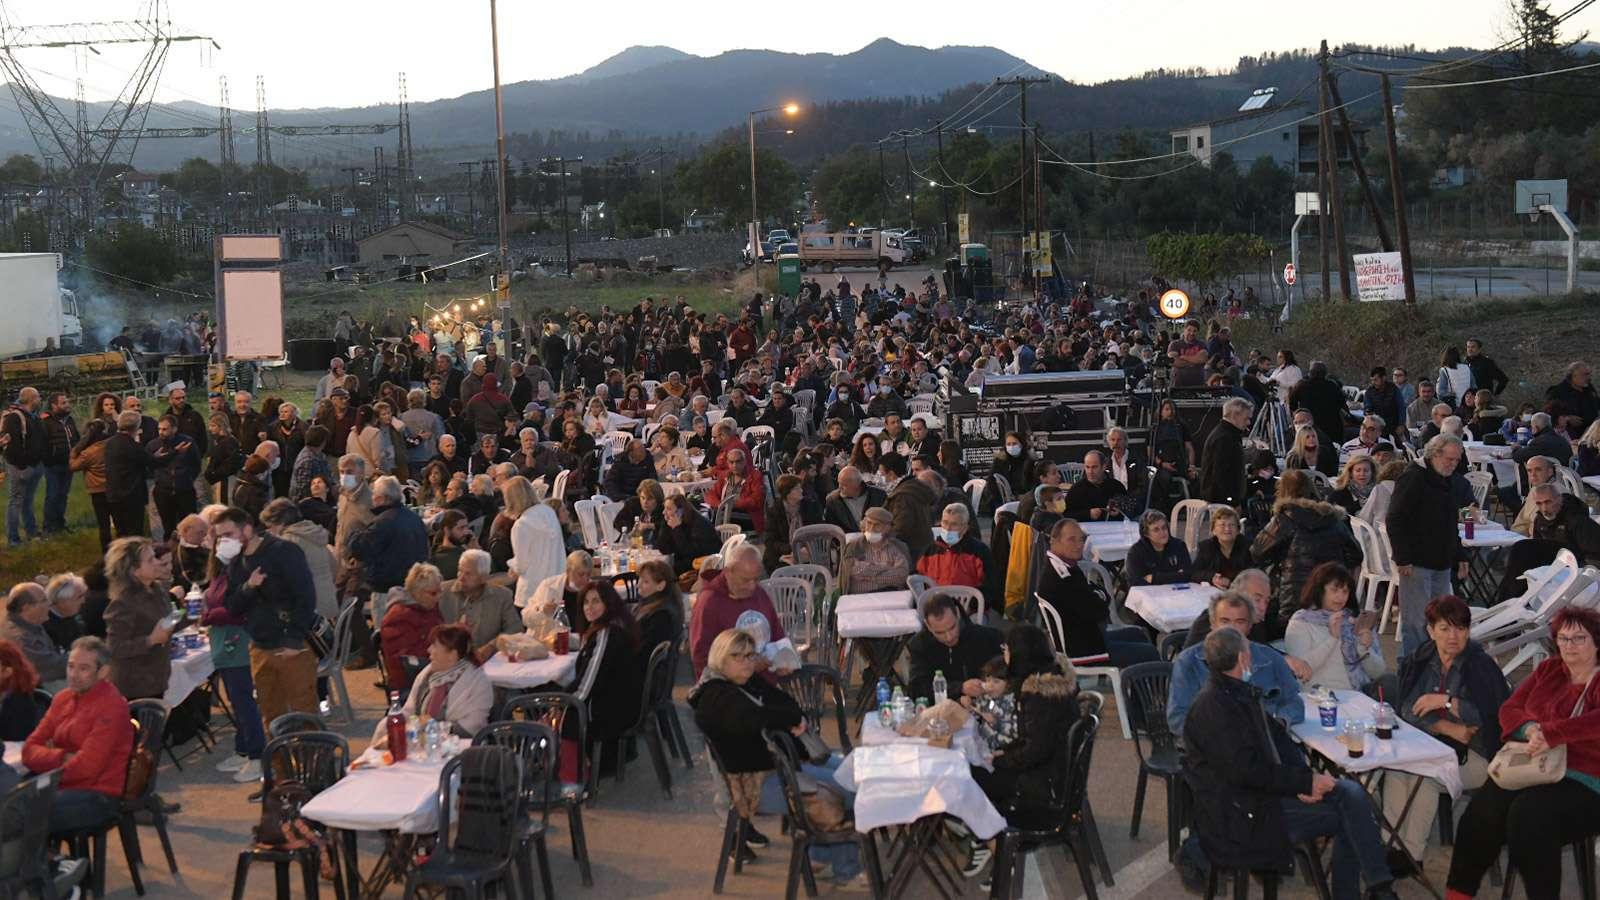 strofilia μεγάλη συναυλία αλληλεγγύης διεκδίκησης Στροφιλιάς 1α